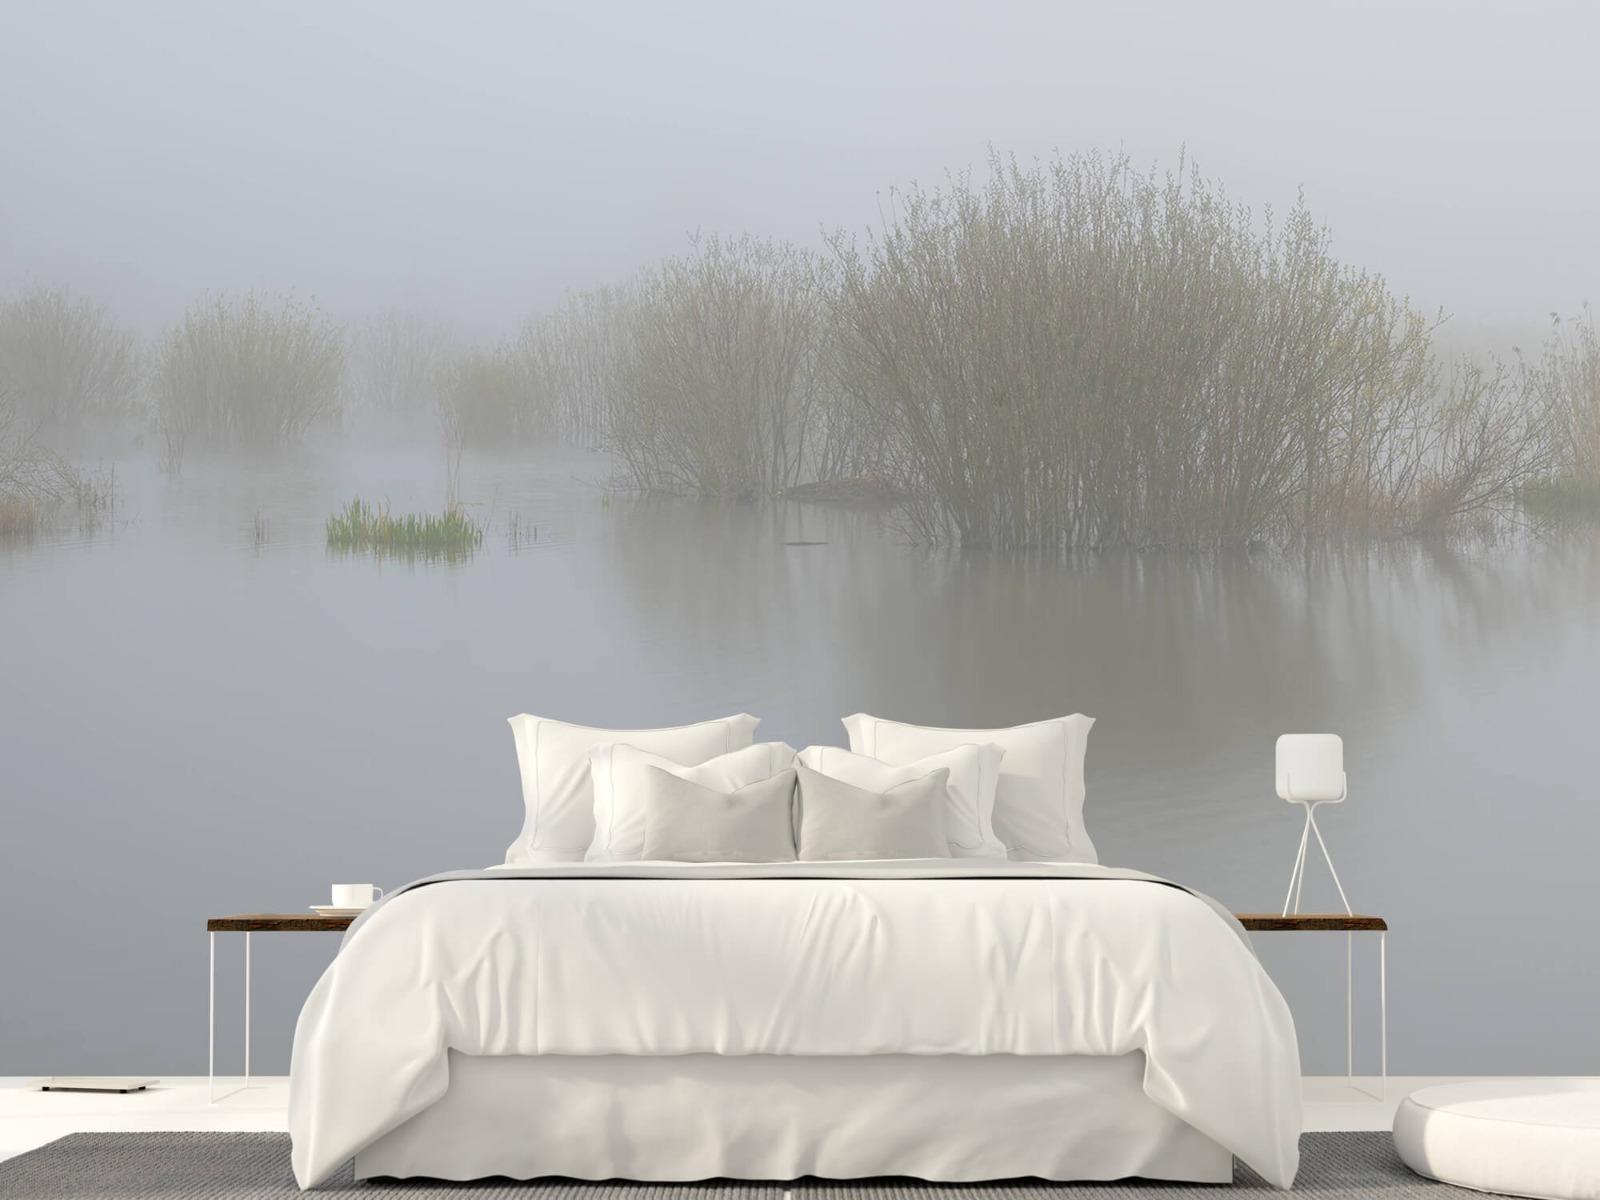 Landschap - Mist in natuurgebied - Slaapkamer 23